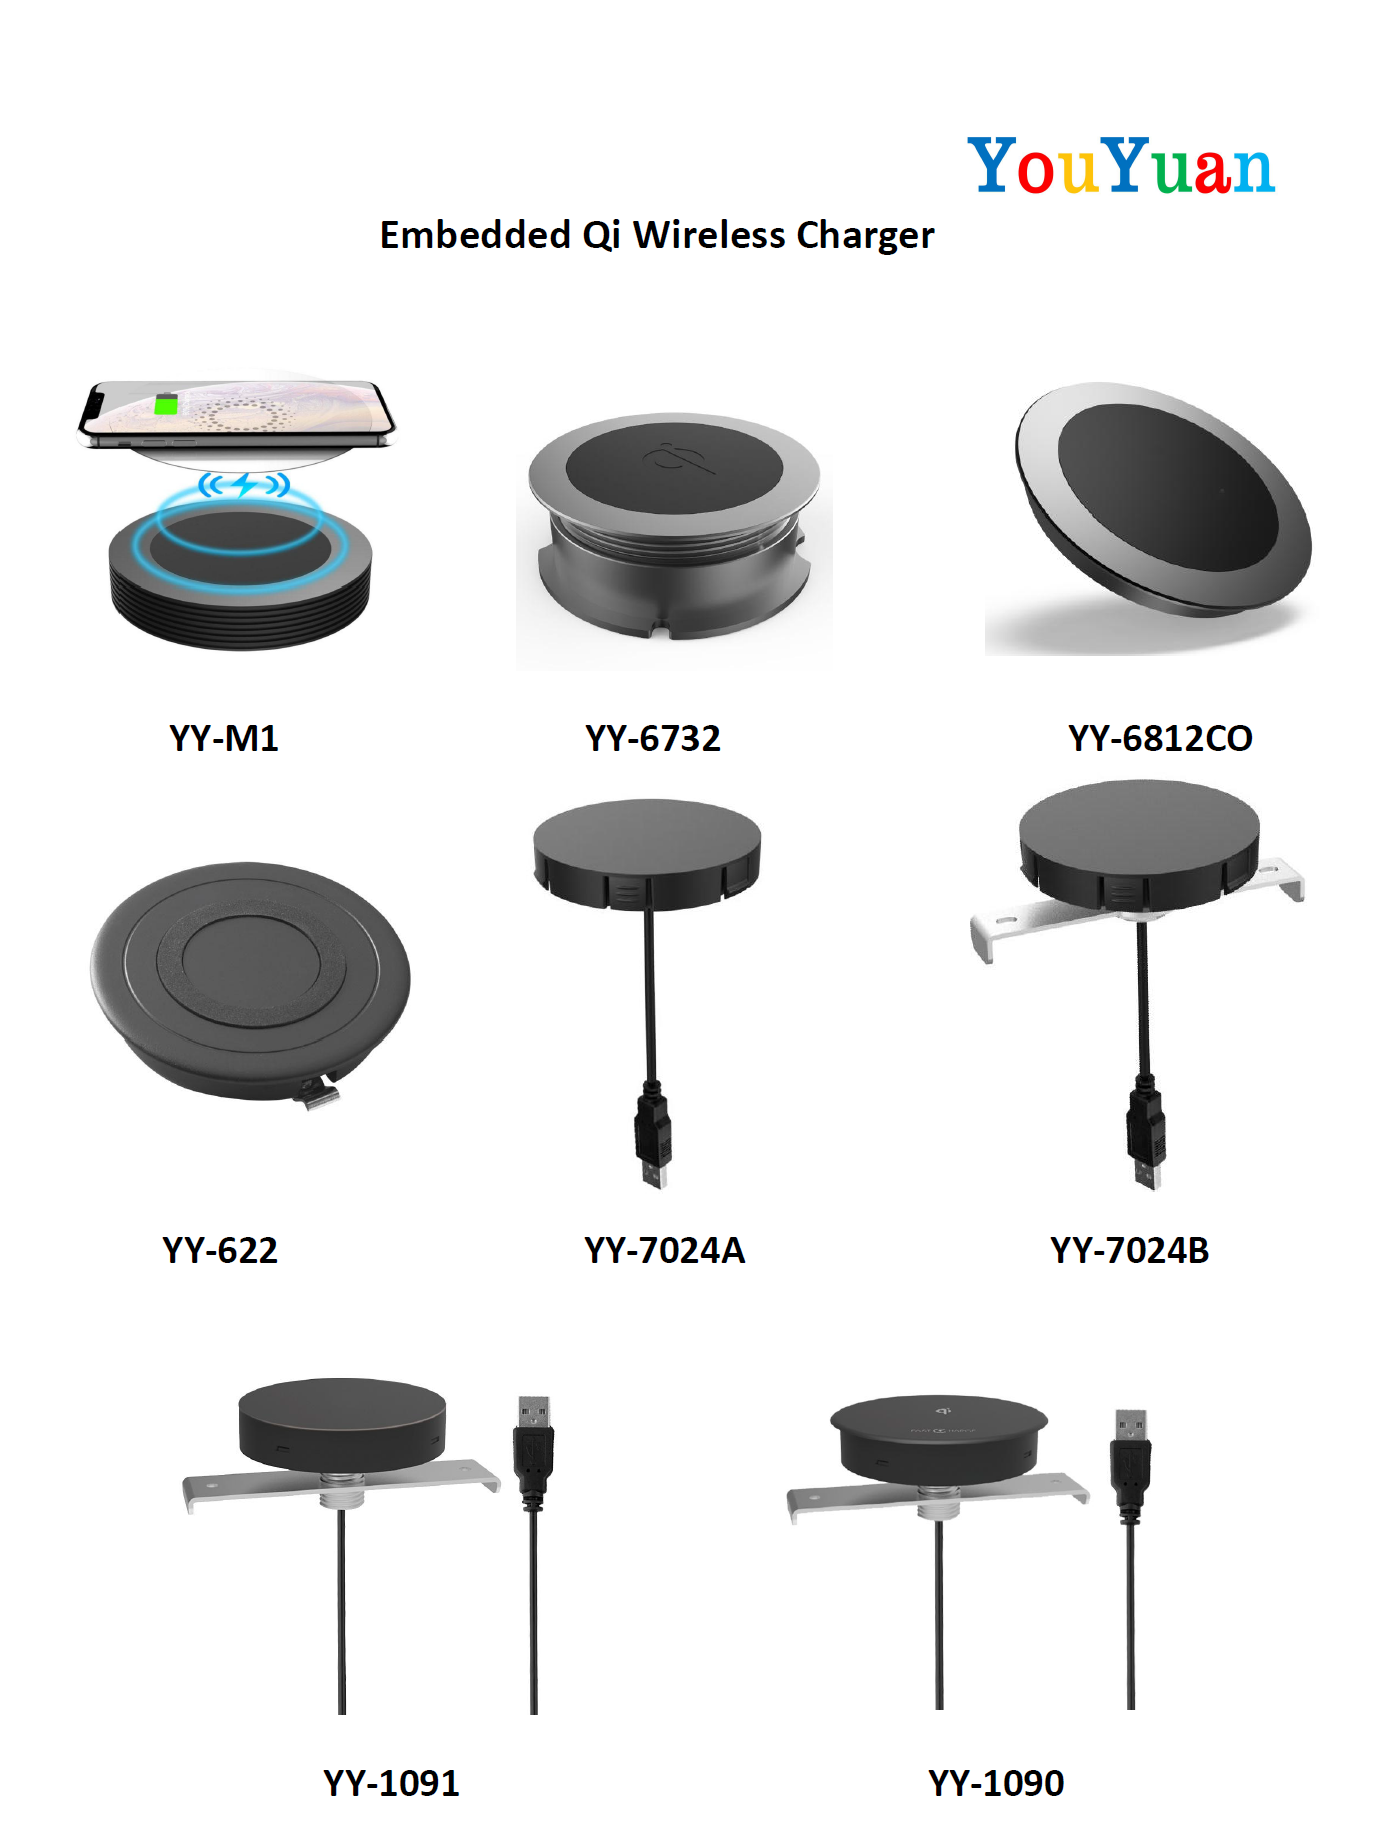 डेस्कटॉप एम्बेडेड फर्नीचर क्यूई वायरलेस चार्जर के लिए 15W टेबल वायरलेस चार्ज स्मार्ट कार्यालय डेस्क का उपयोग मोबाइल फोन iPhone X